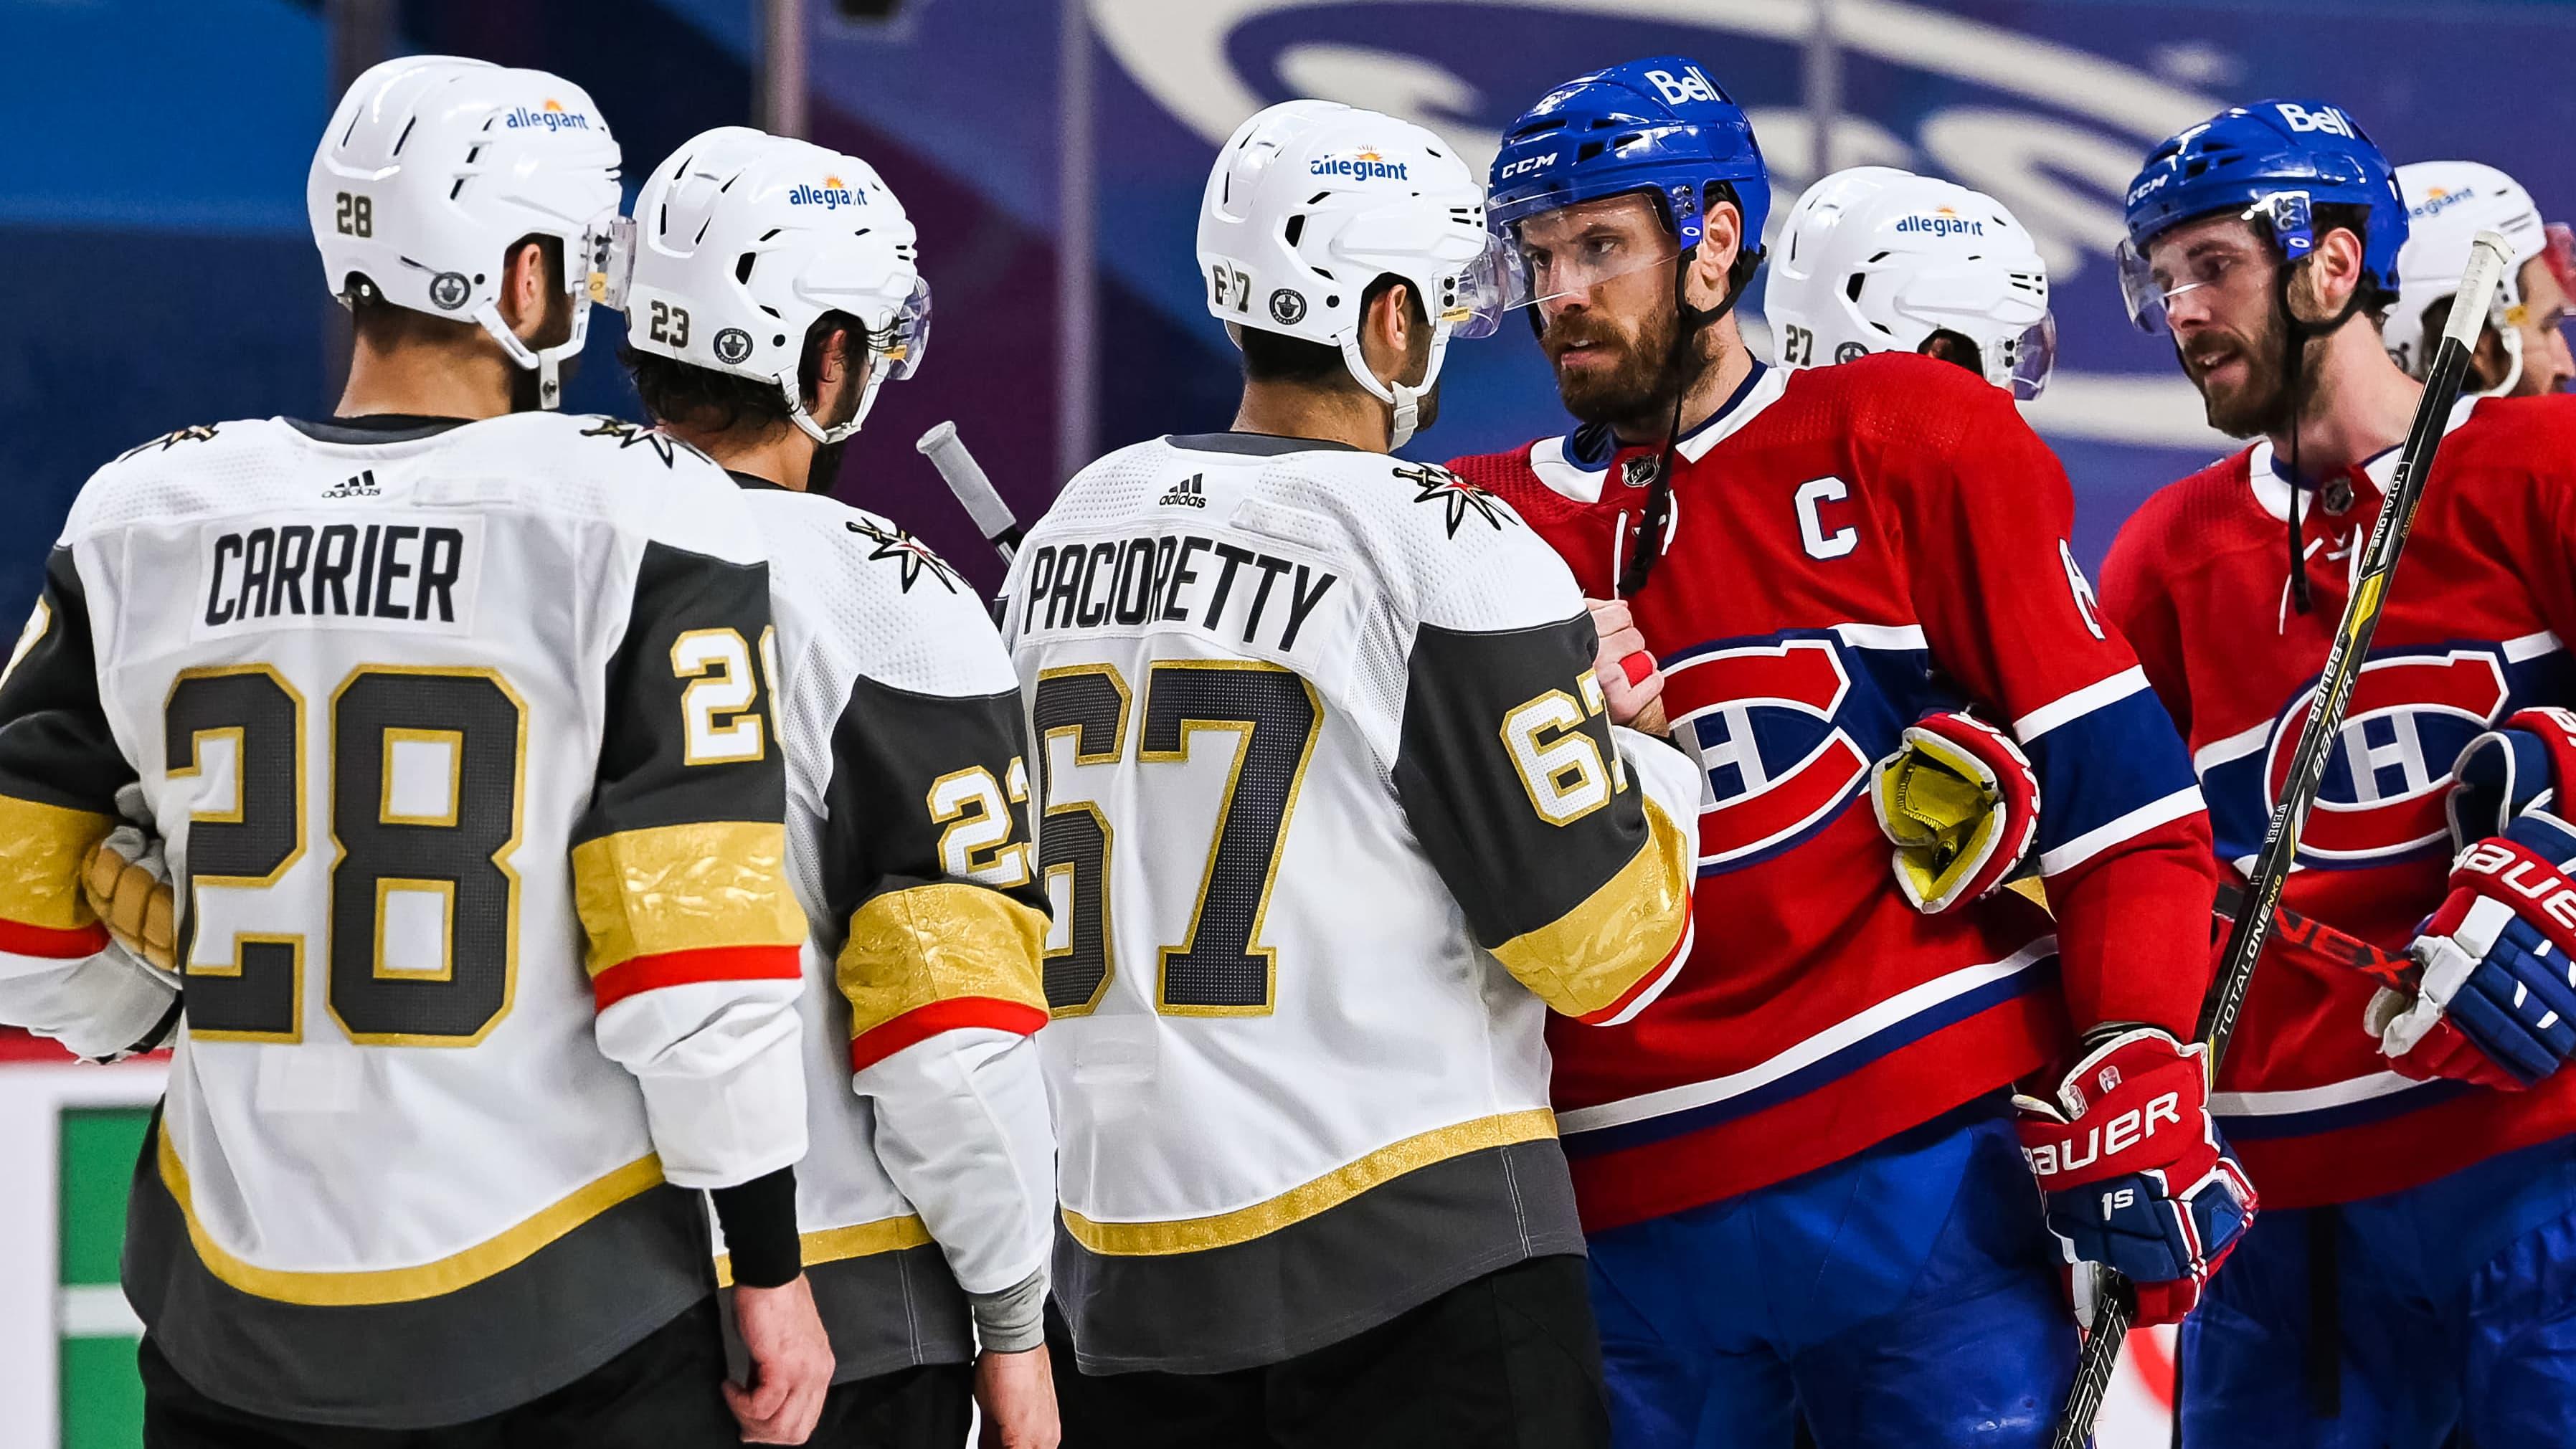 Montreal ja Vegas kohtasivat kesällä 2021 NHL:n välierissä.